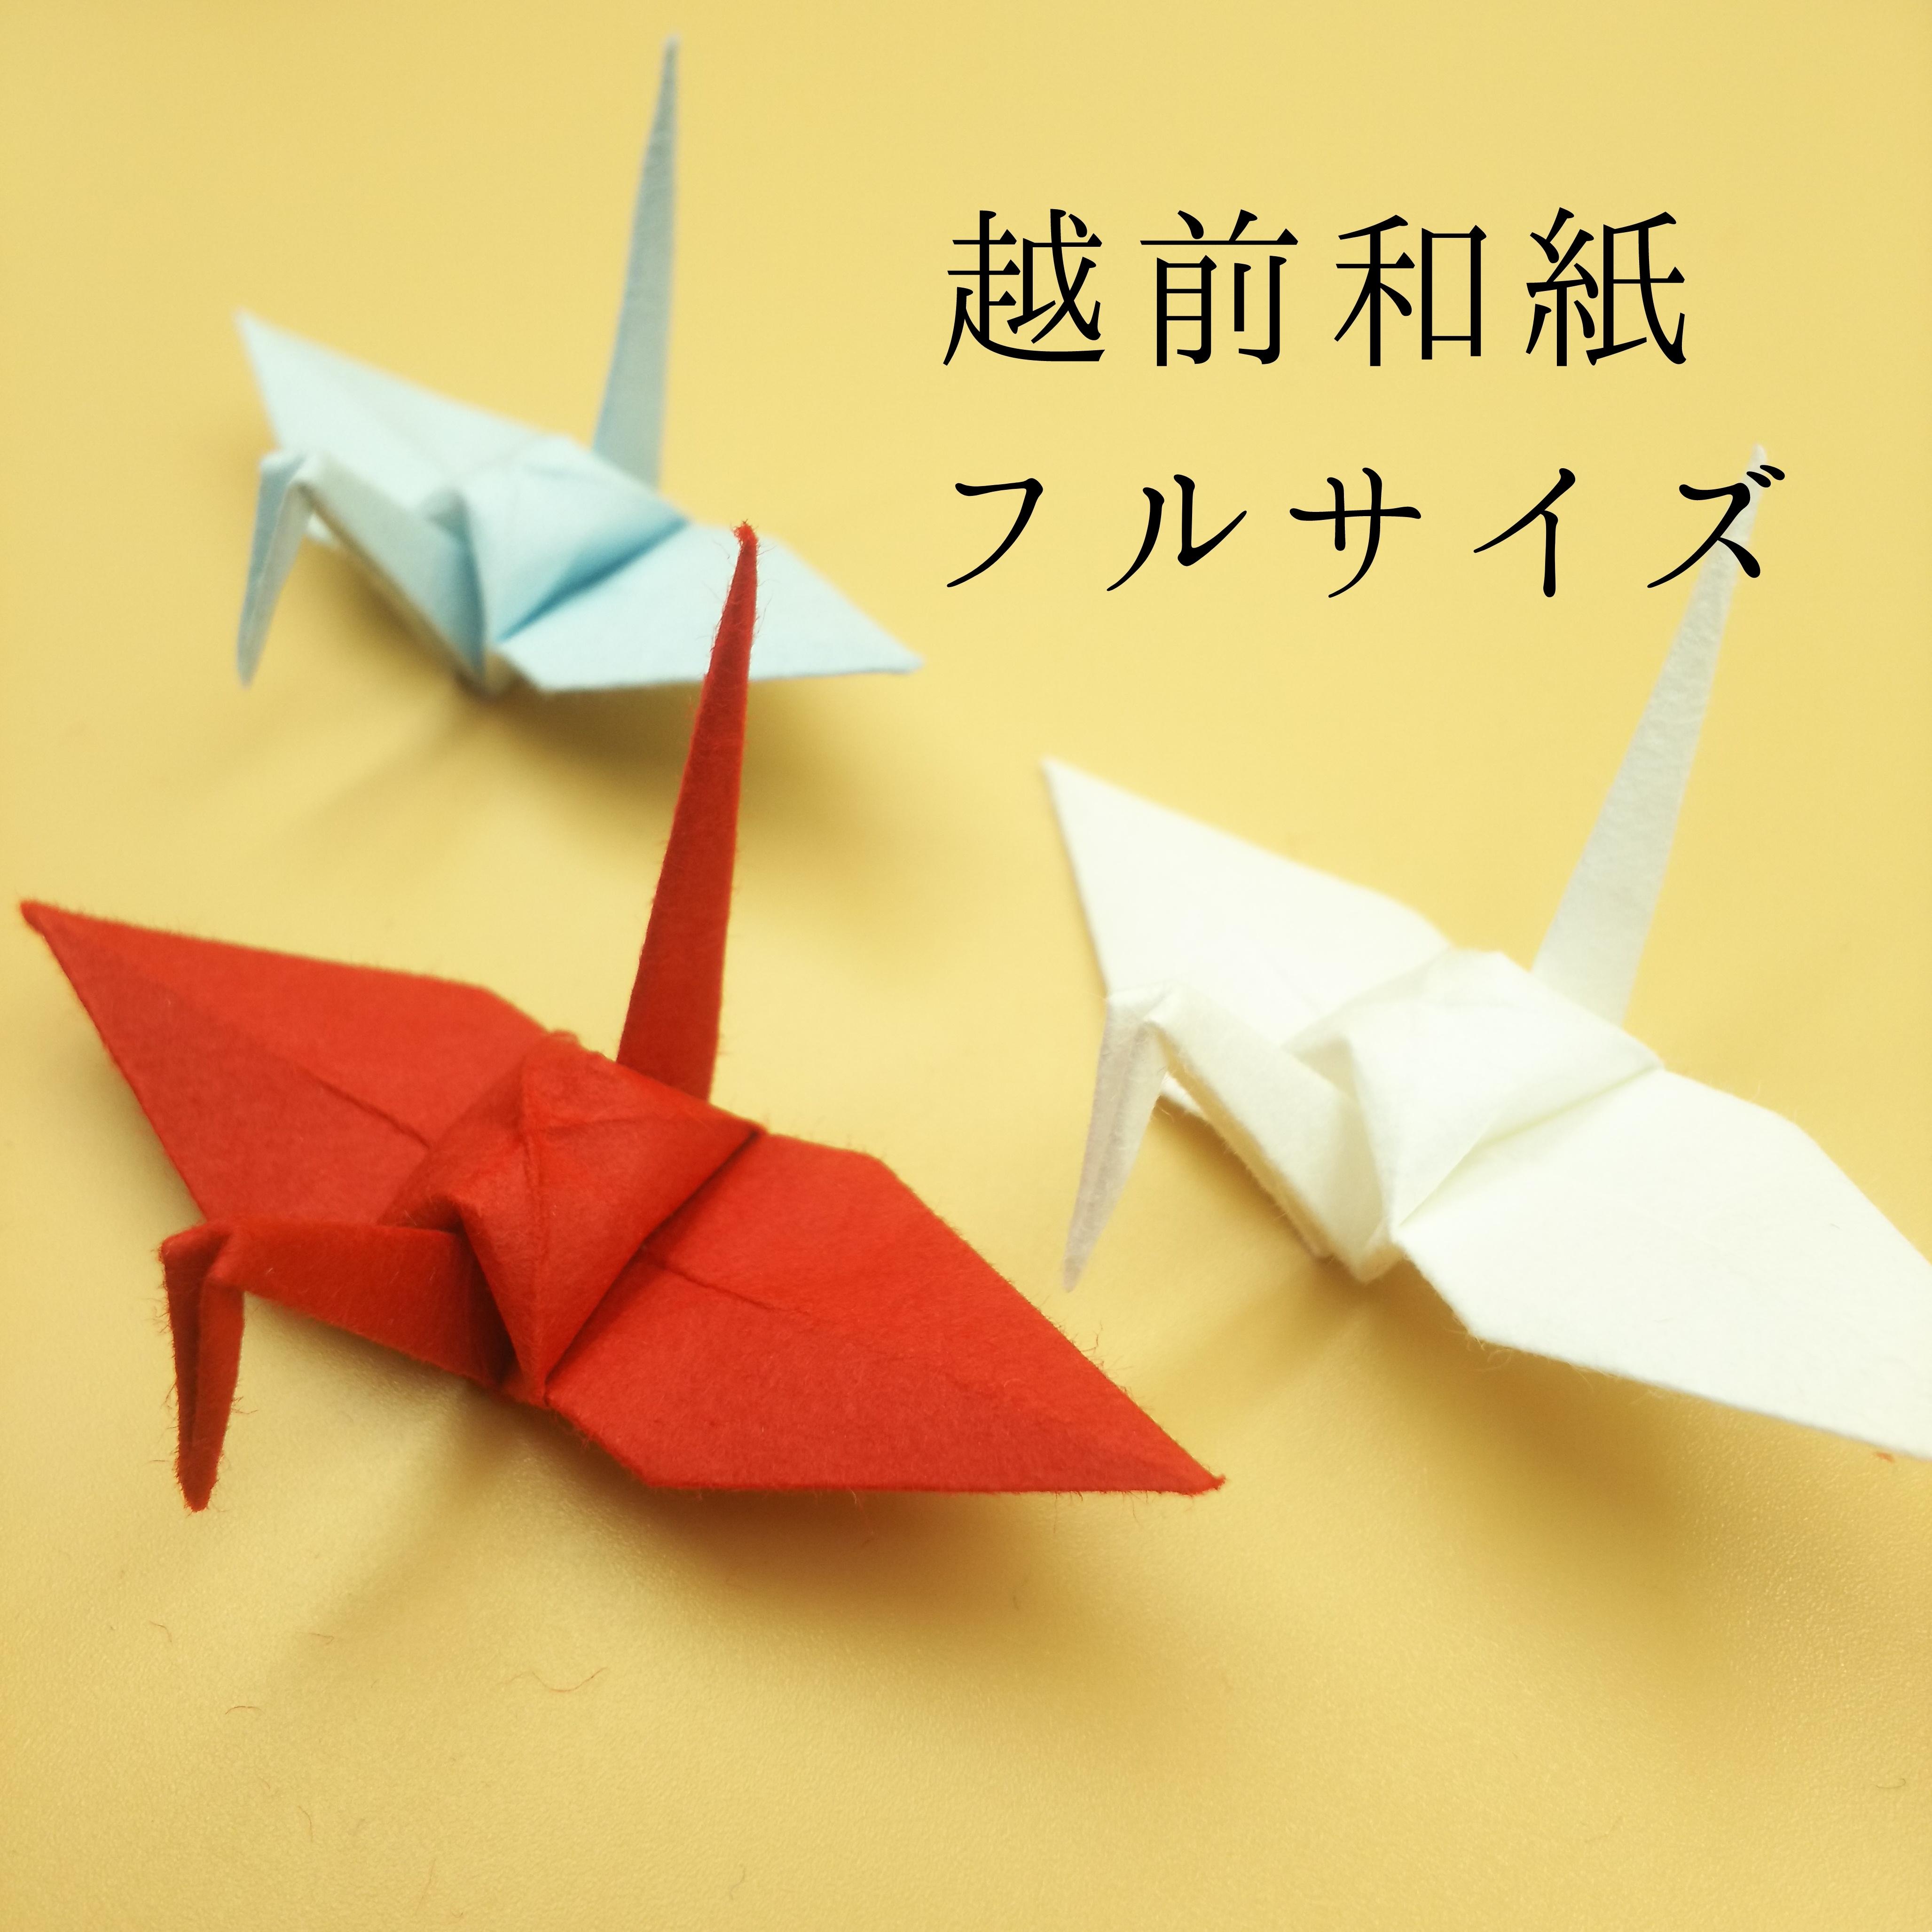 【受注制作】越前和紙による伝統色の折り鶴フルサイズ 和風撮影小物・おもてなし